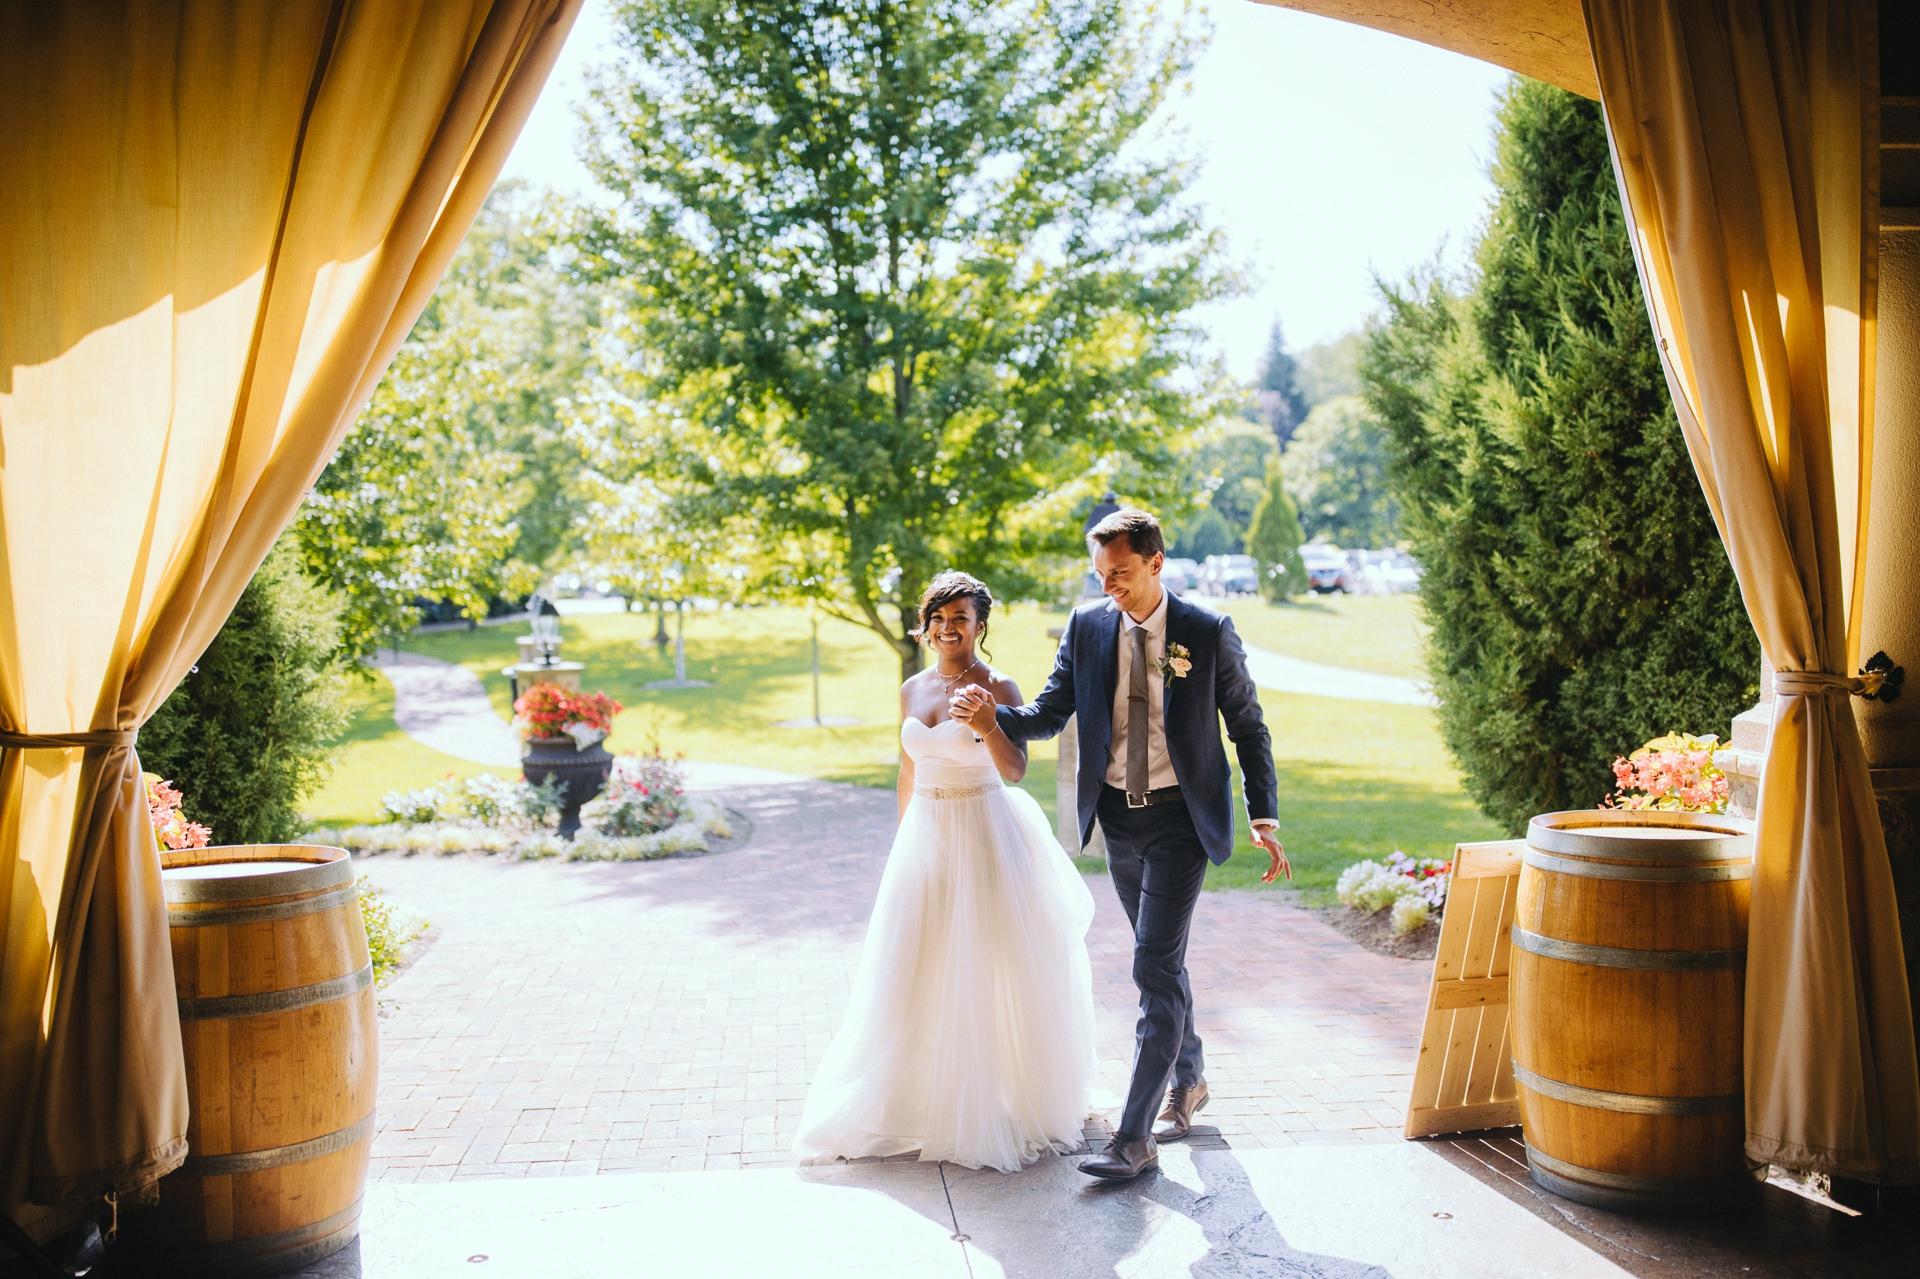 Gervasi Wedding Photographer in Canton Ohio 78.jpg